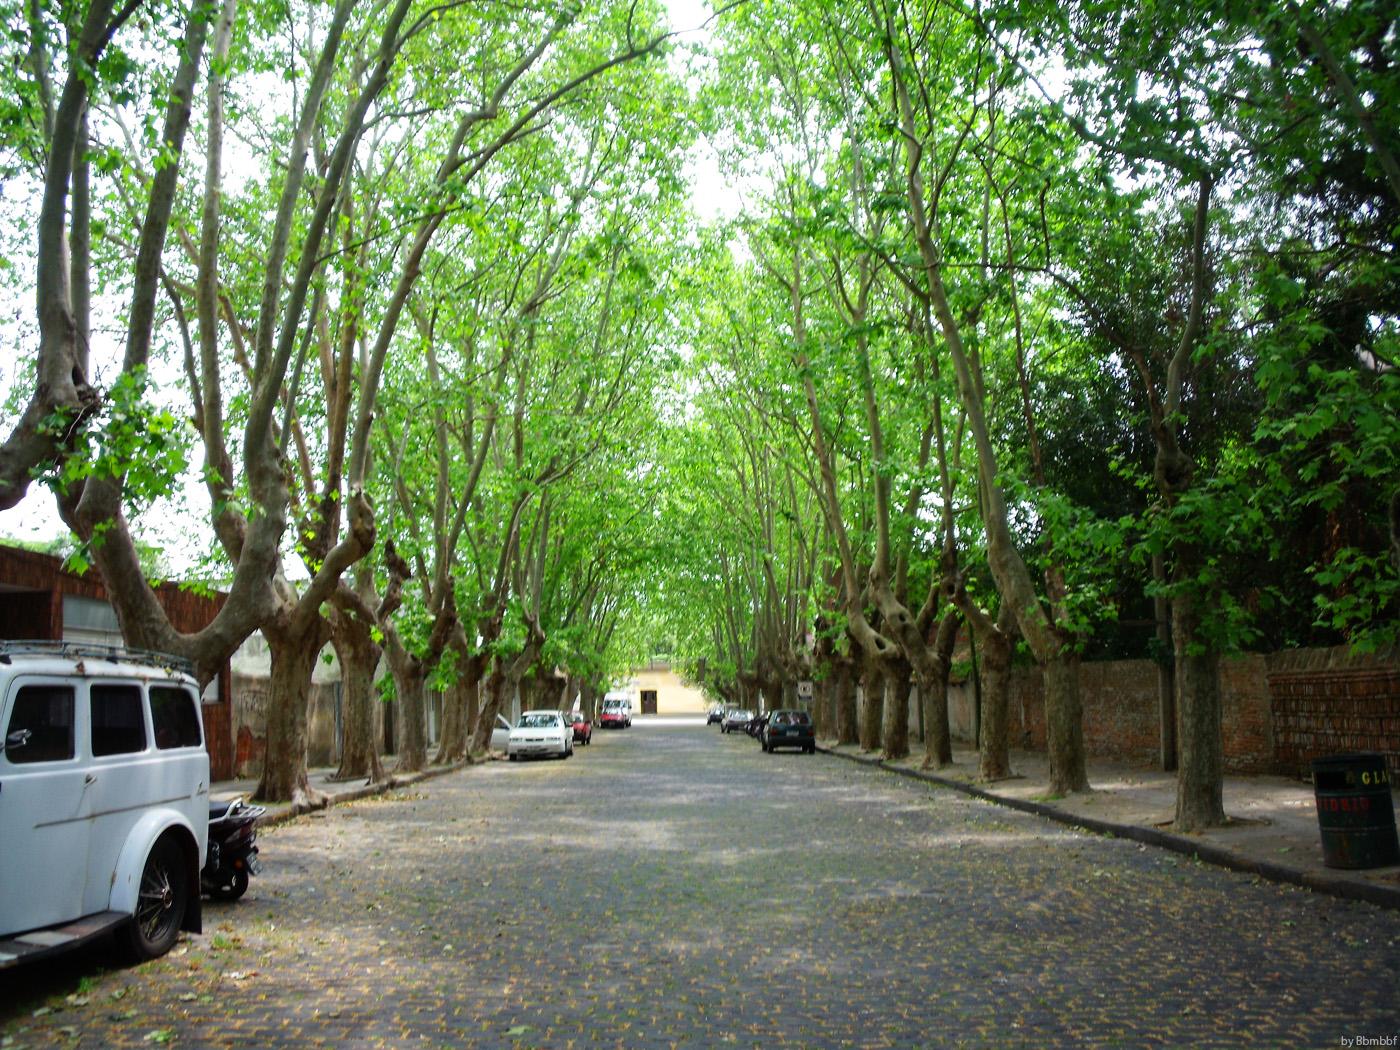 Calle Bonita - Uruguay by bbmbbf